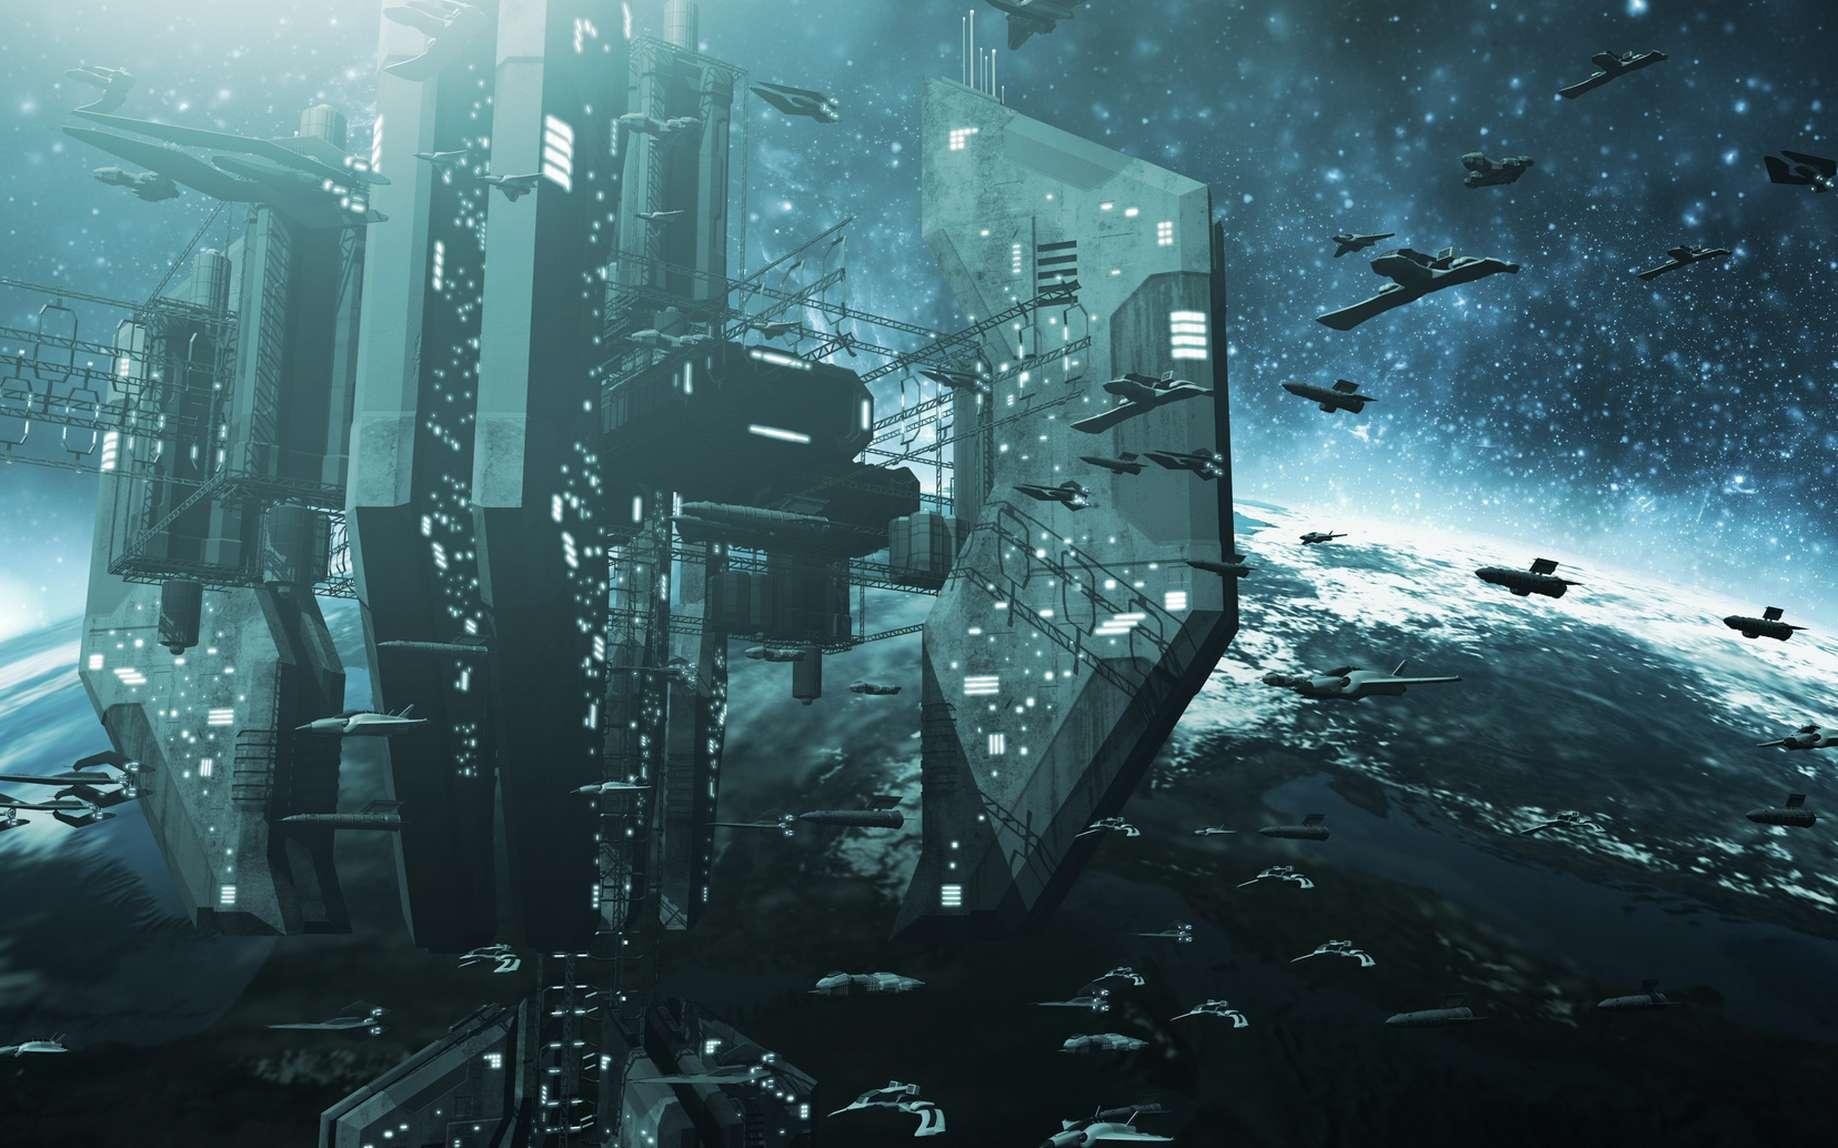 En orbite autour d'Hypérion, les forces de l'Hégémonie affrontent l'armée Extro. © fredmantel, Fotolia